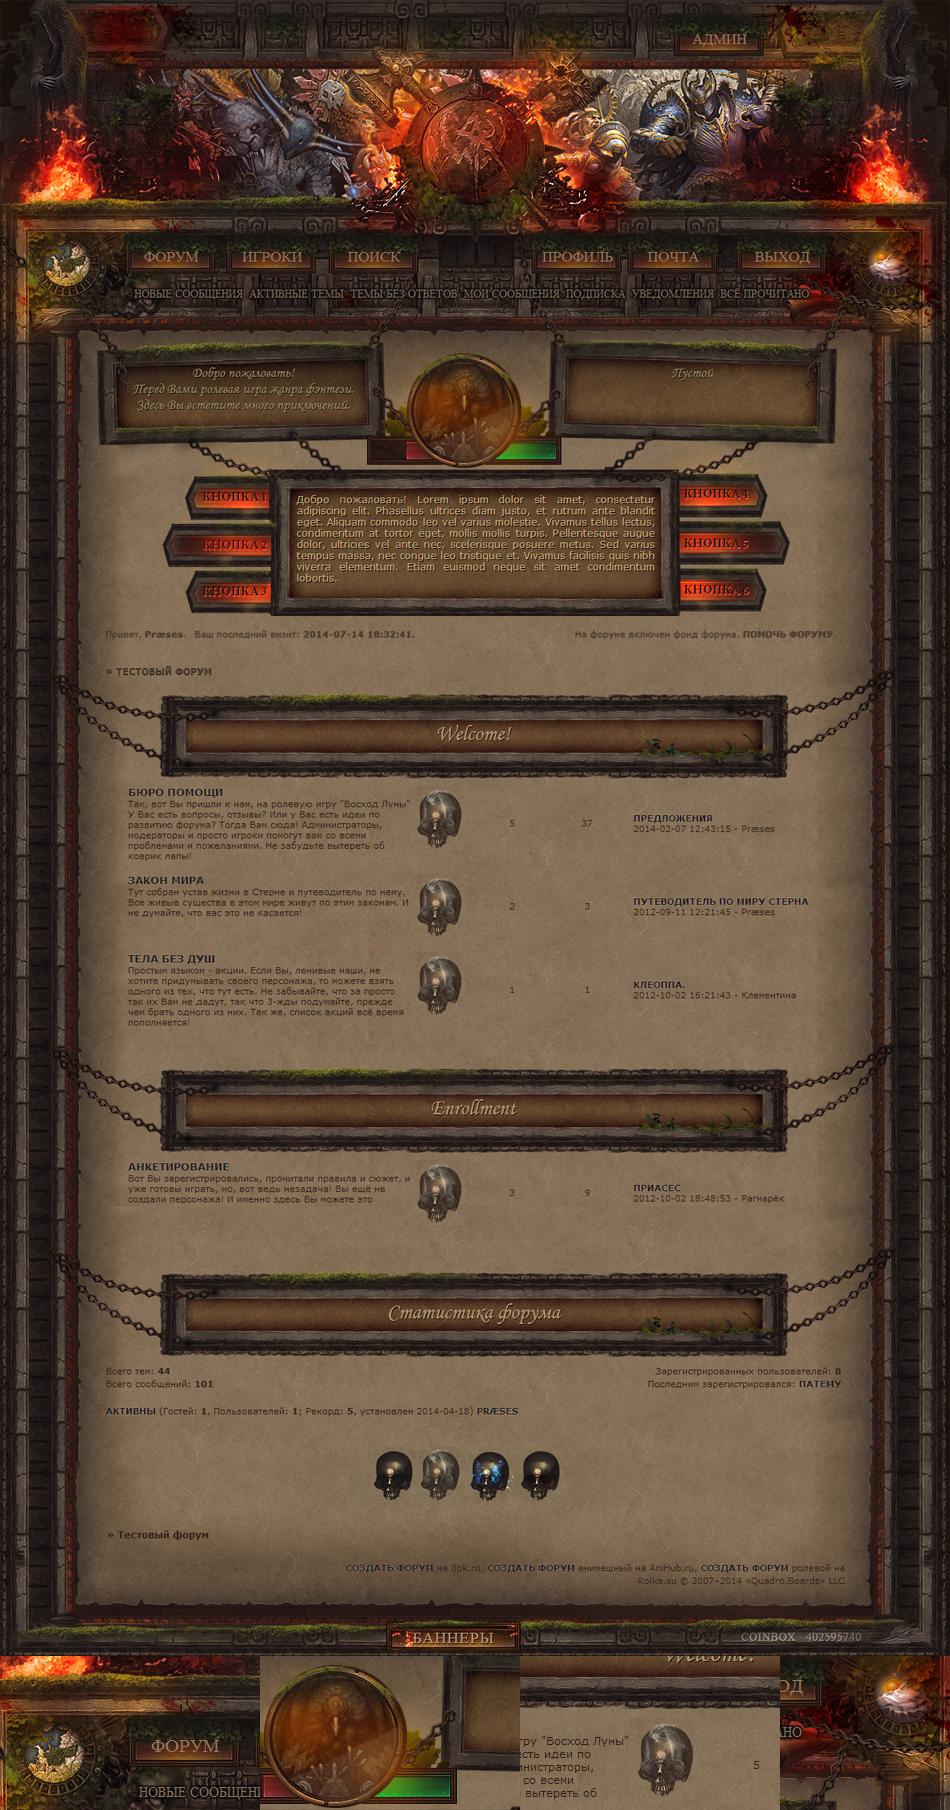 http://orig11.deviantart.net/95d8/f/2014/198/4/8/trpg_warhammer_by_coinboxlab-d7r2d06.jpg